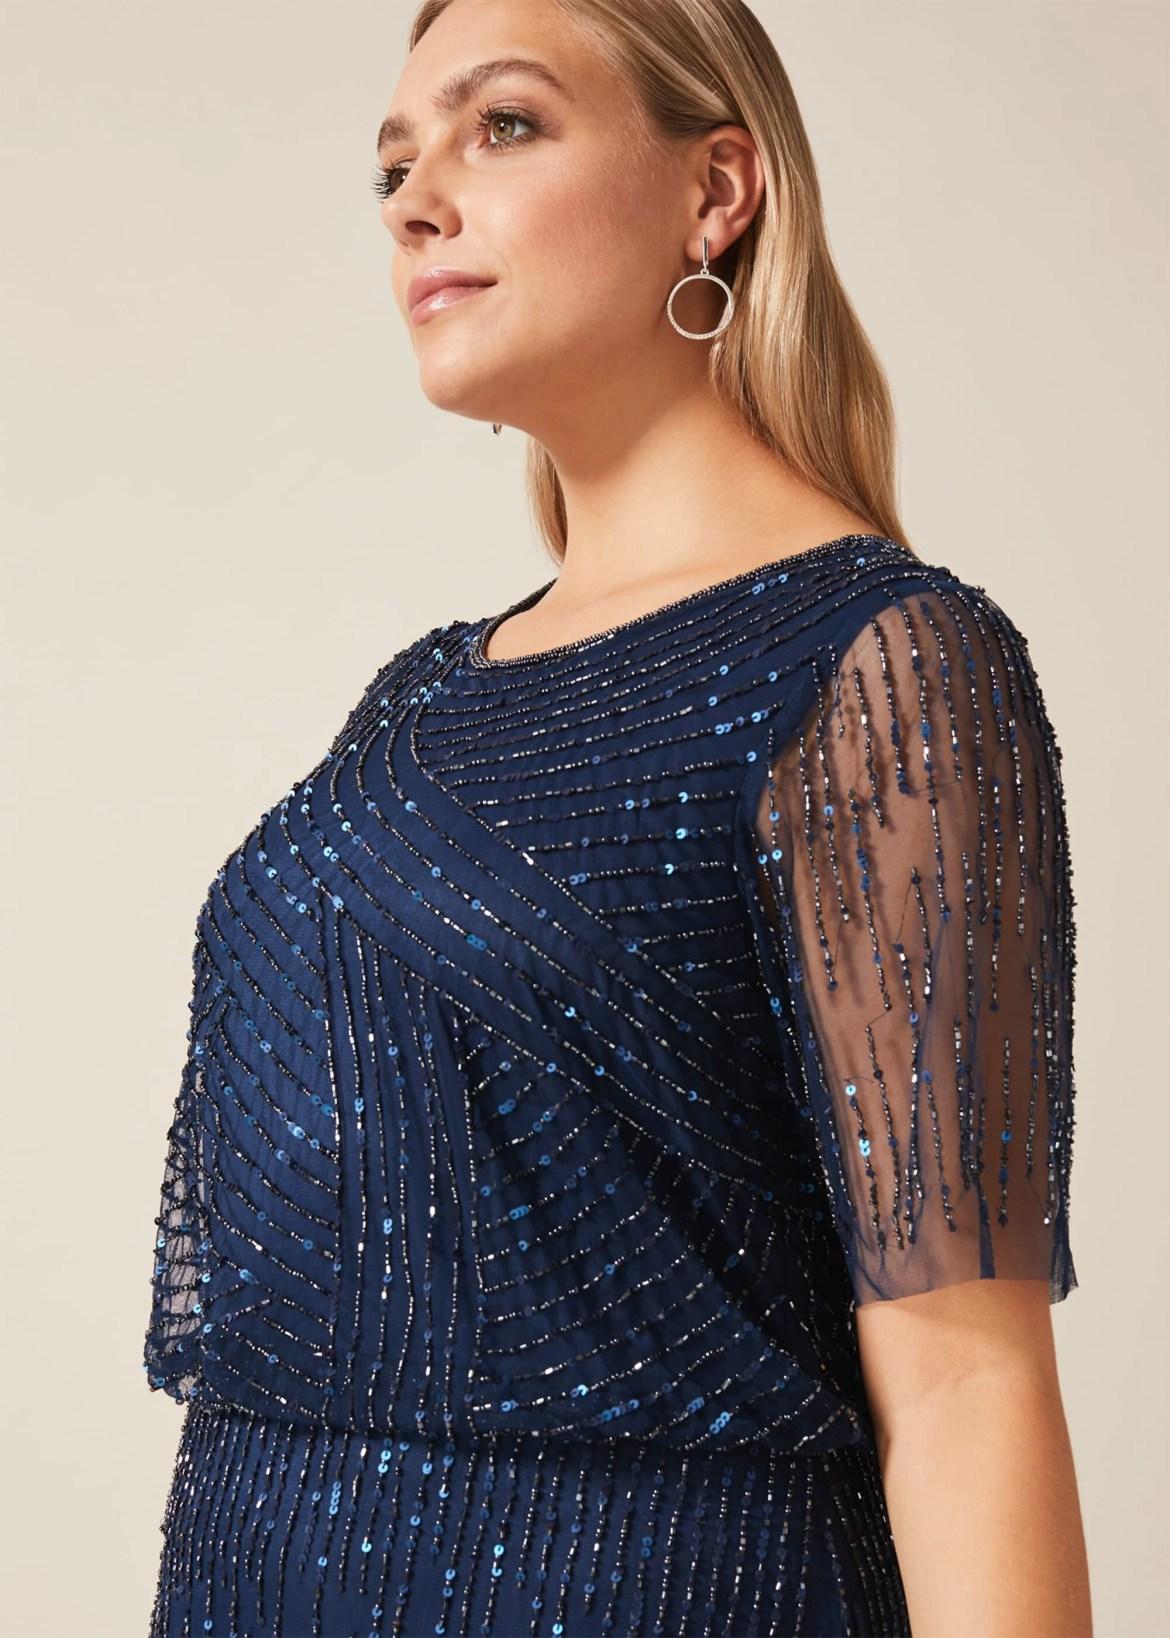 Evadine Beaded Maxi Dress